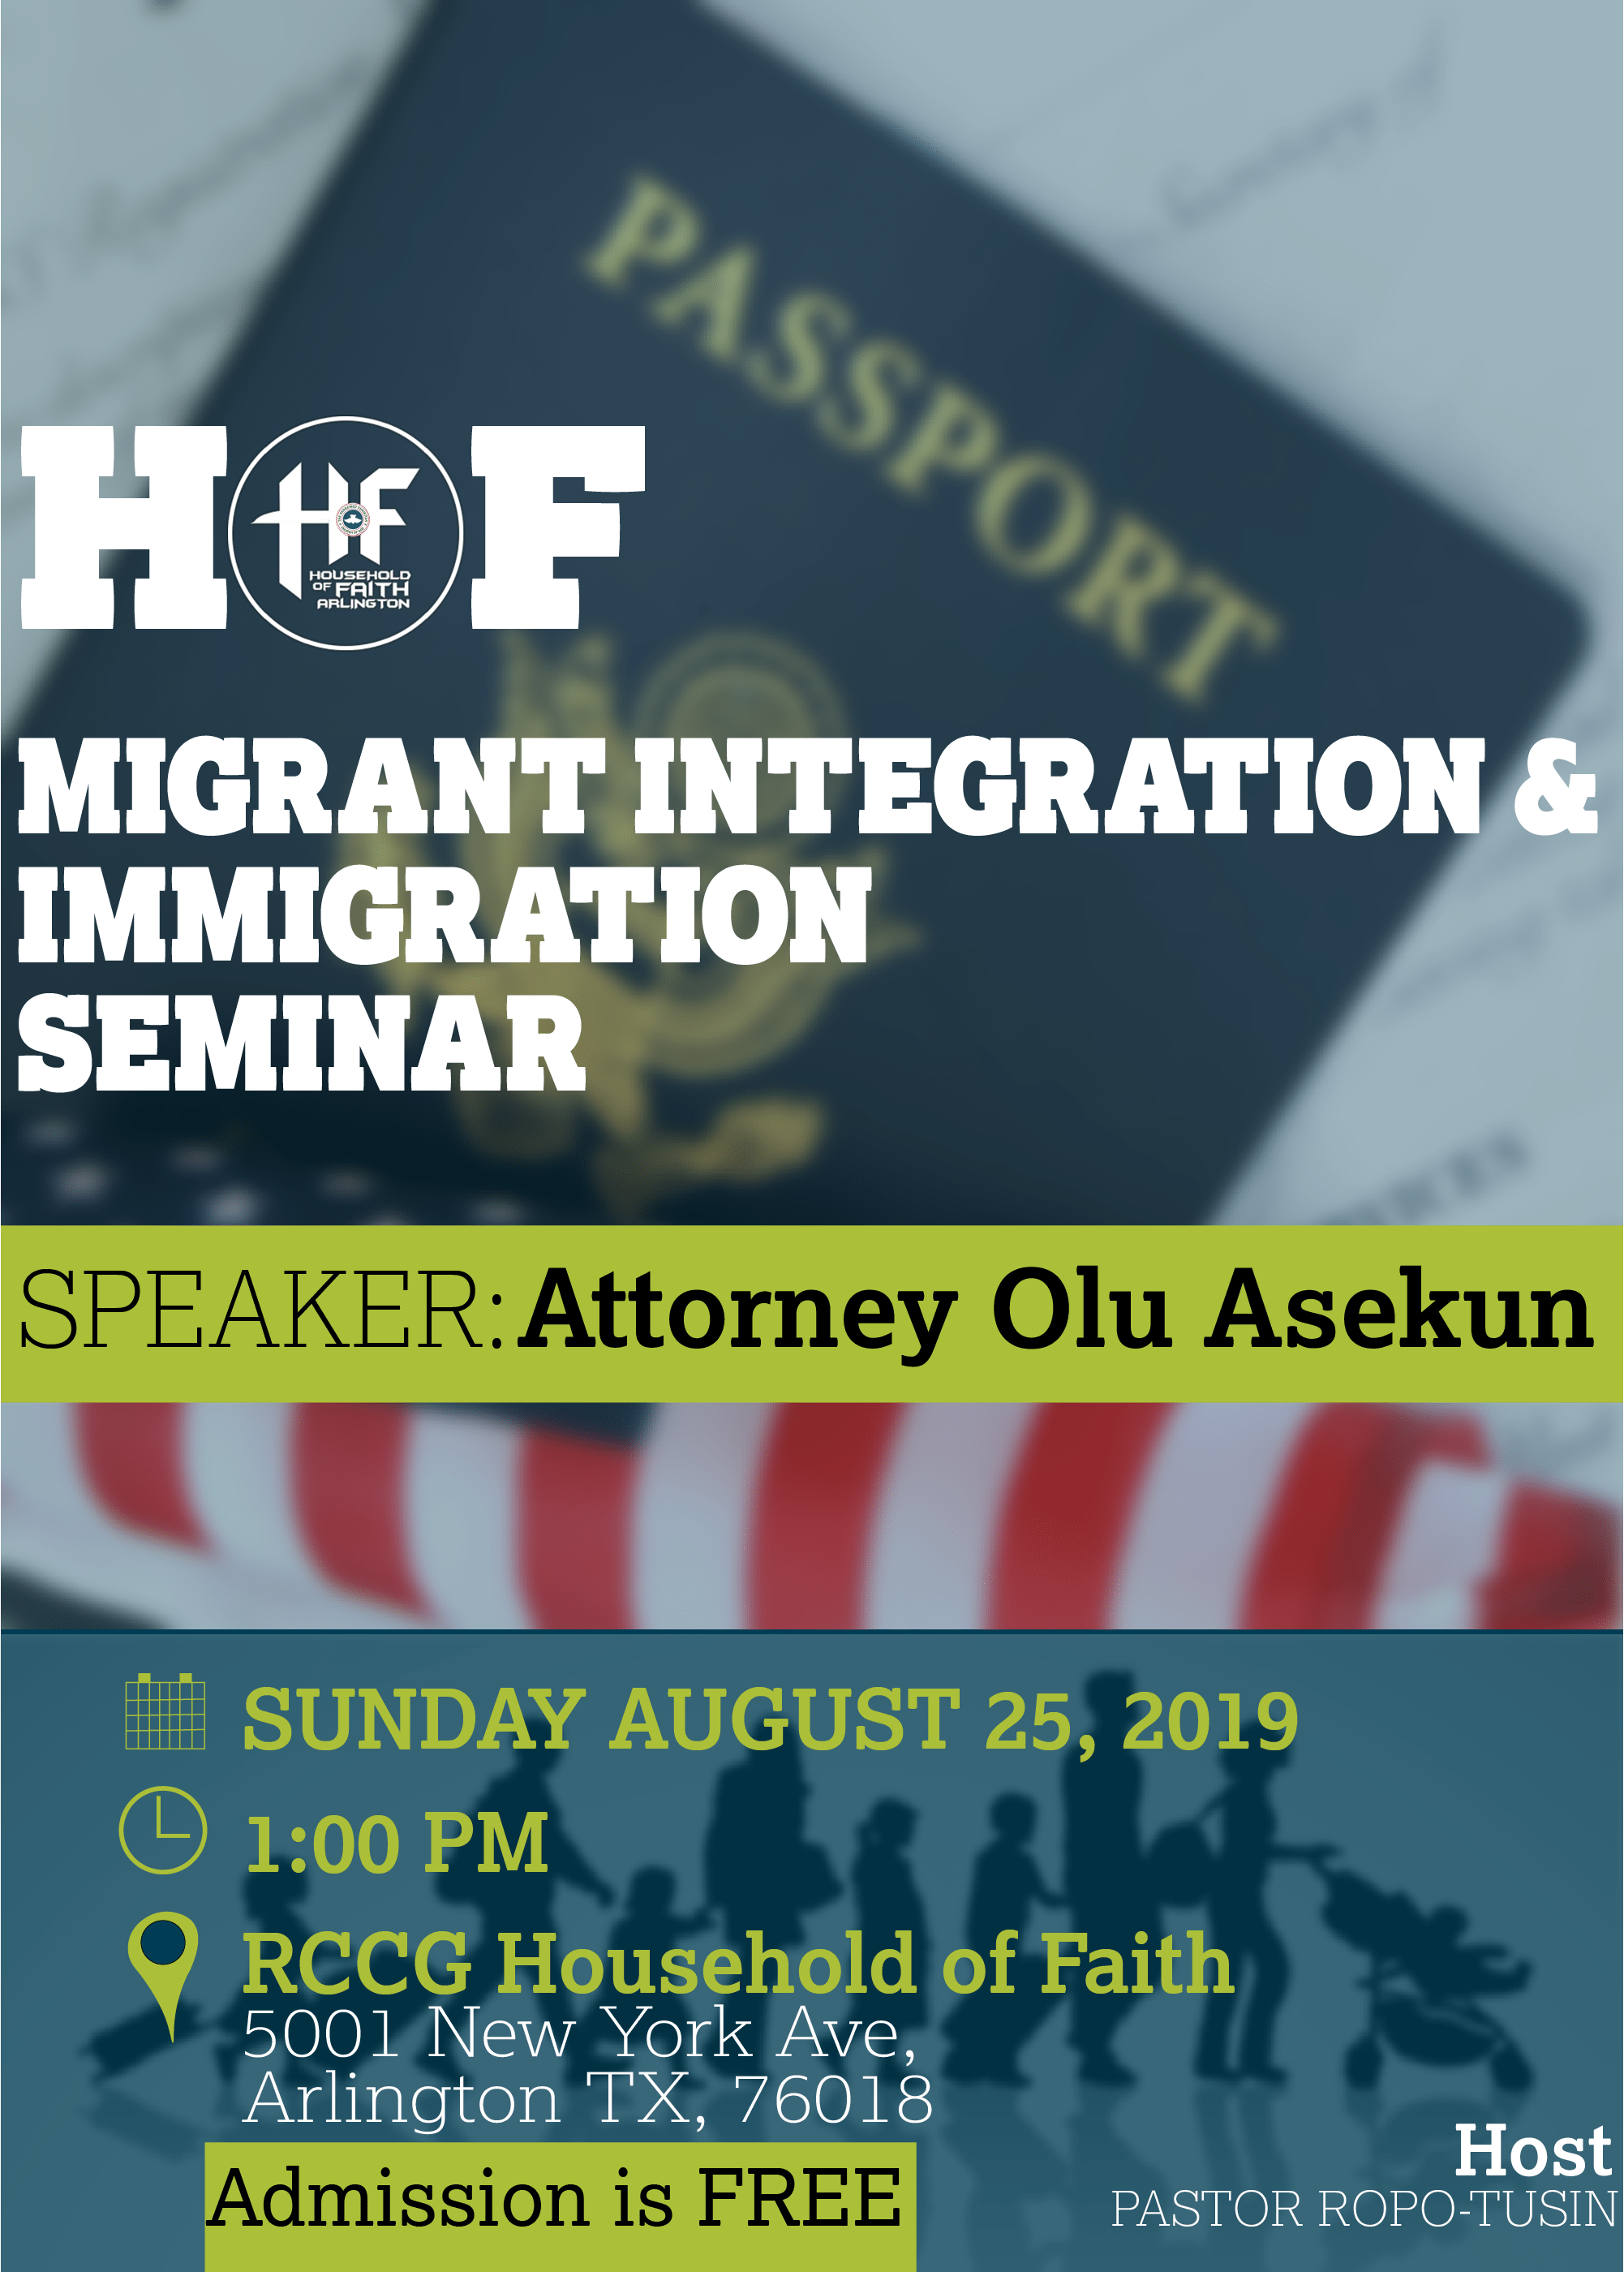 Migrant Integration